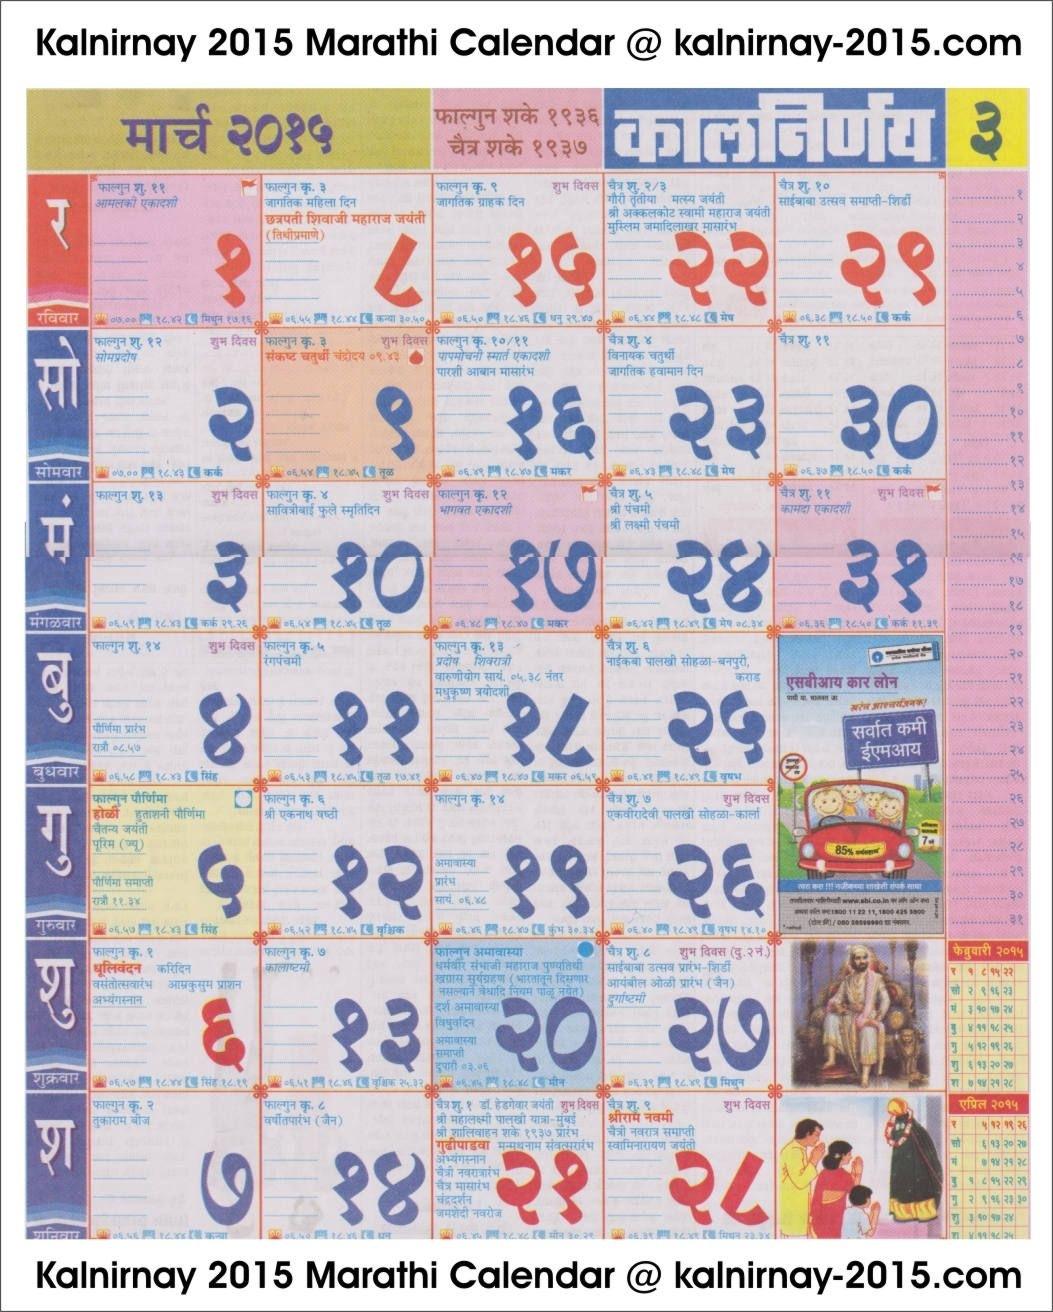 Kalnirnay 2021 Marathi Calendar Pdf Download : 2021 Calendar Kalnirnay   Printable March : Just November 2021 Marathi Calendar